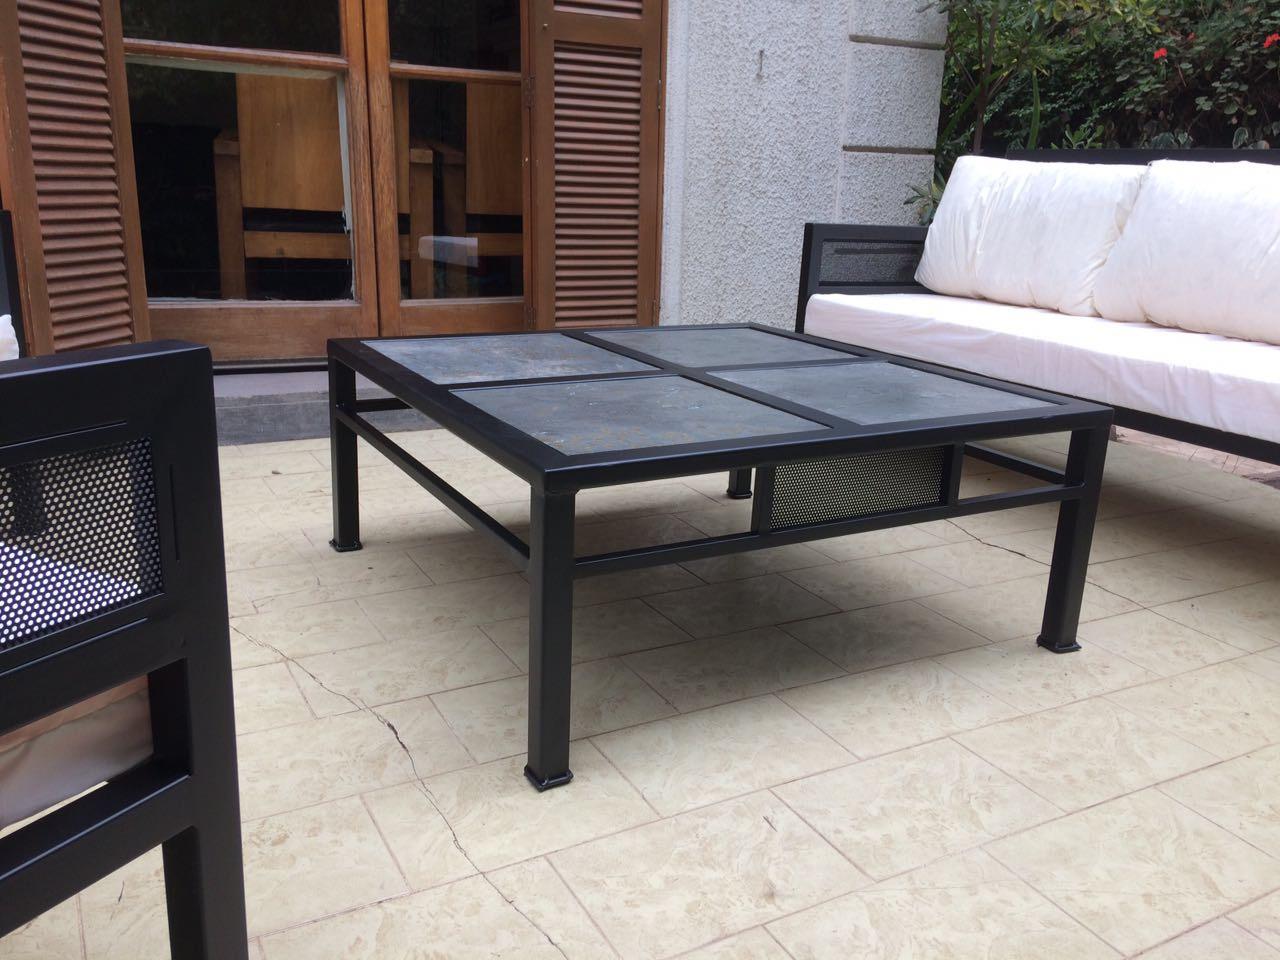 Mesa centro metal terrazas rusti home armonia en tu hogar for Muebles de terraza fierro